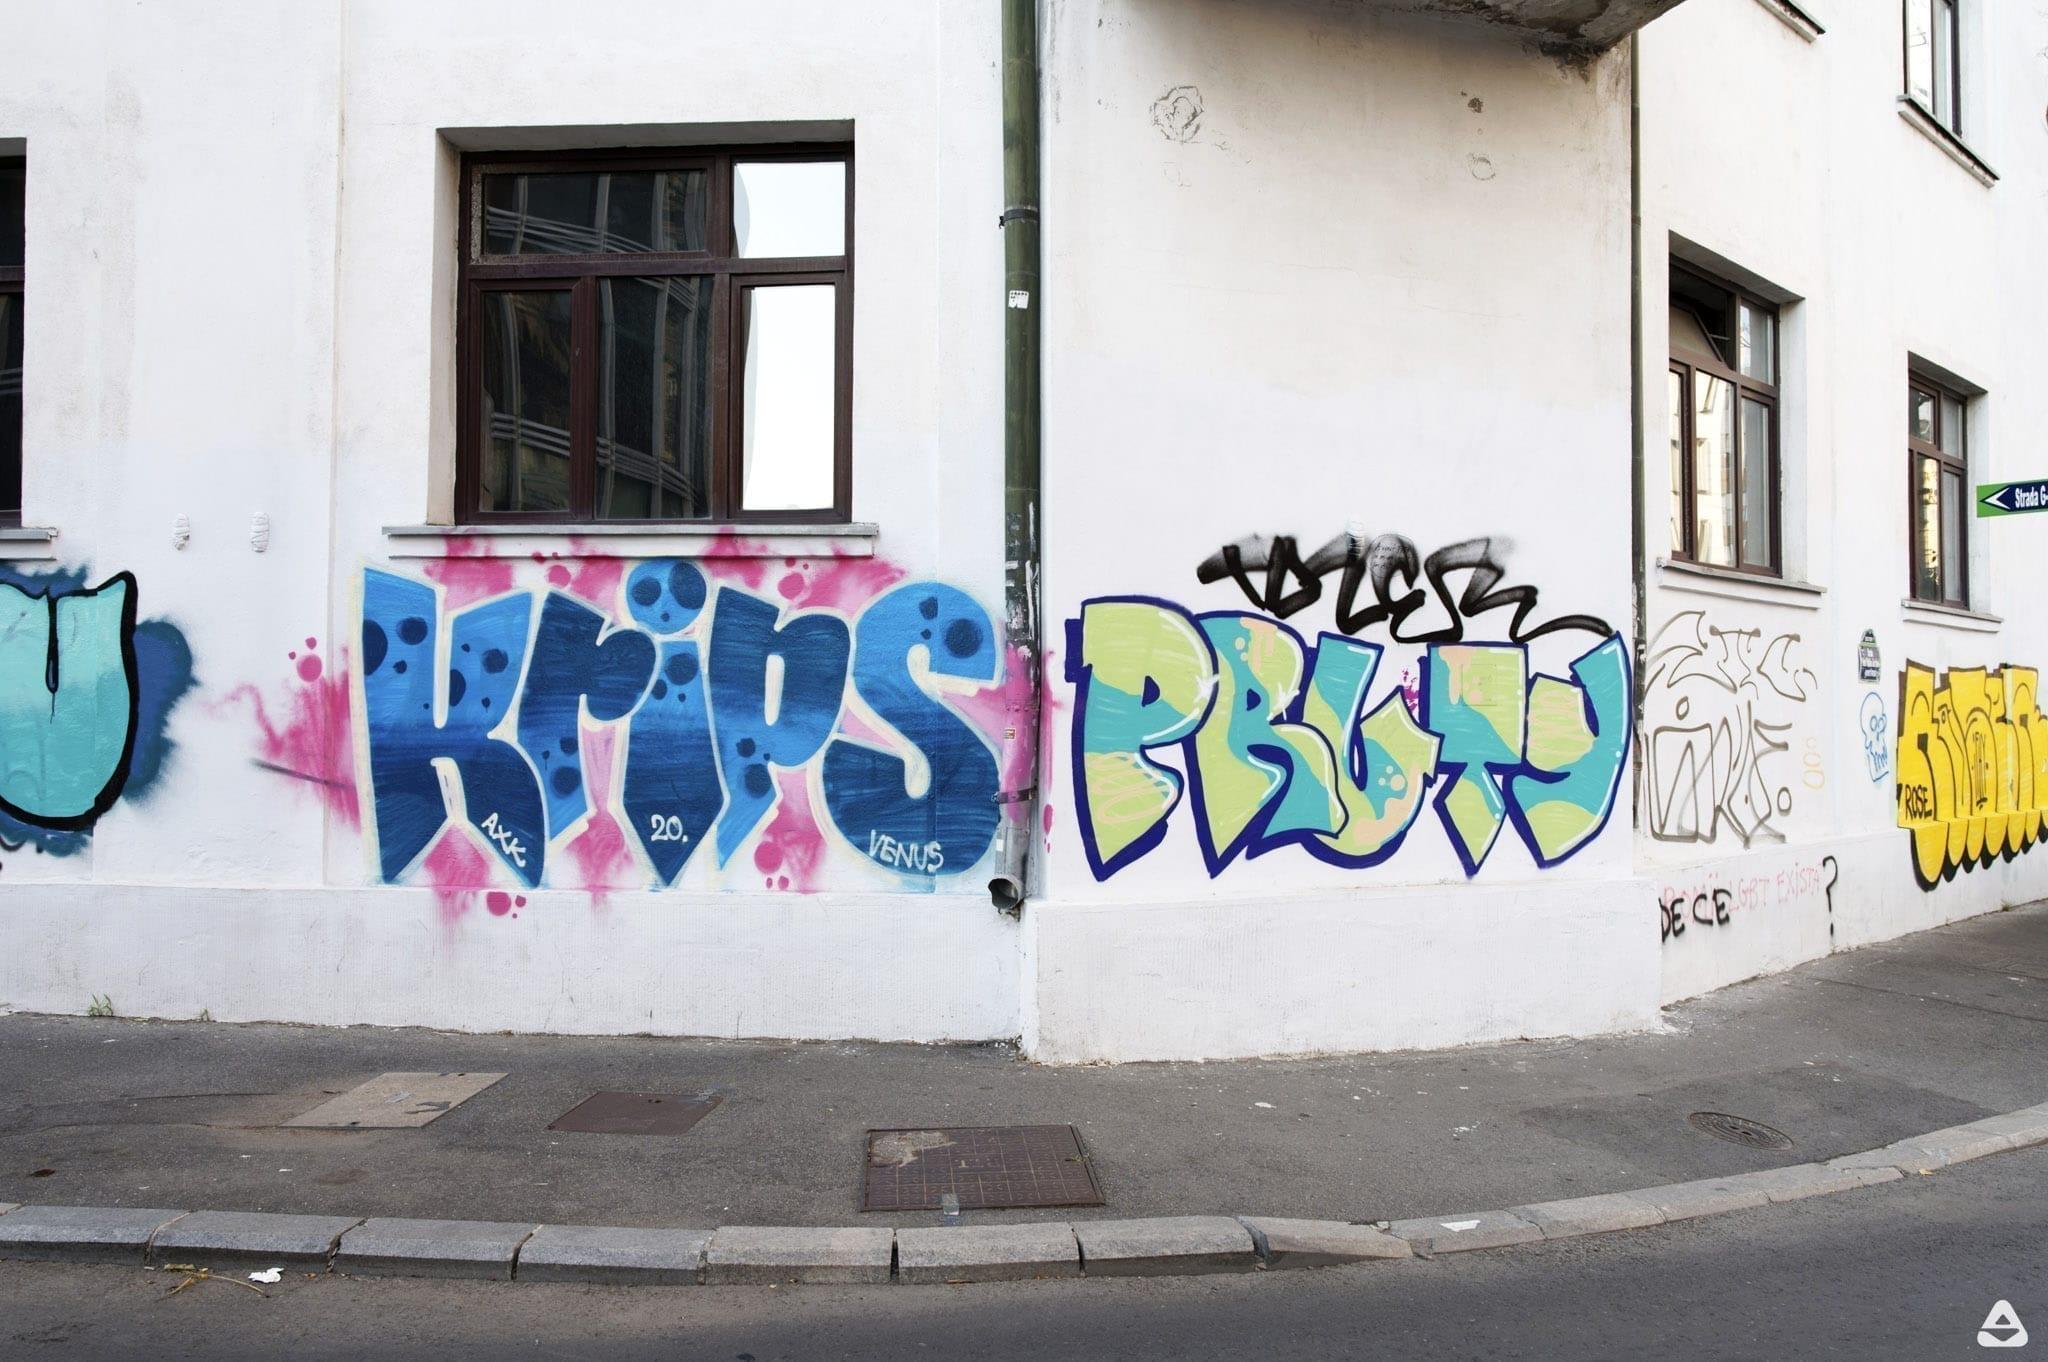 Gorzo, Krips, Pruty, Roser